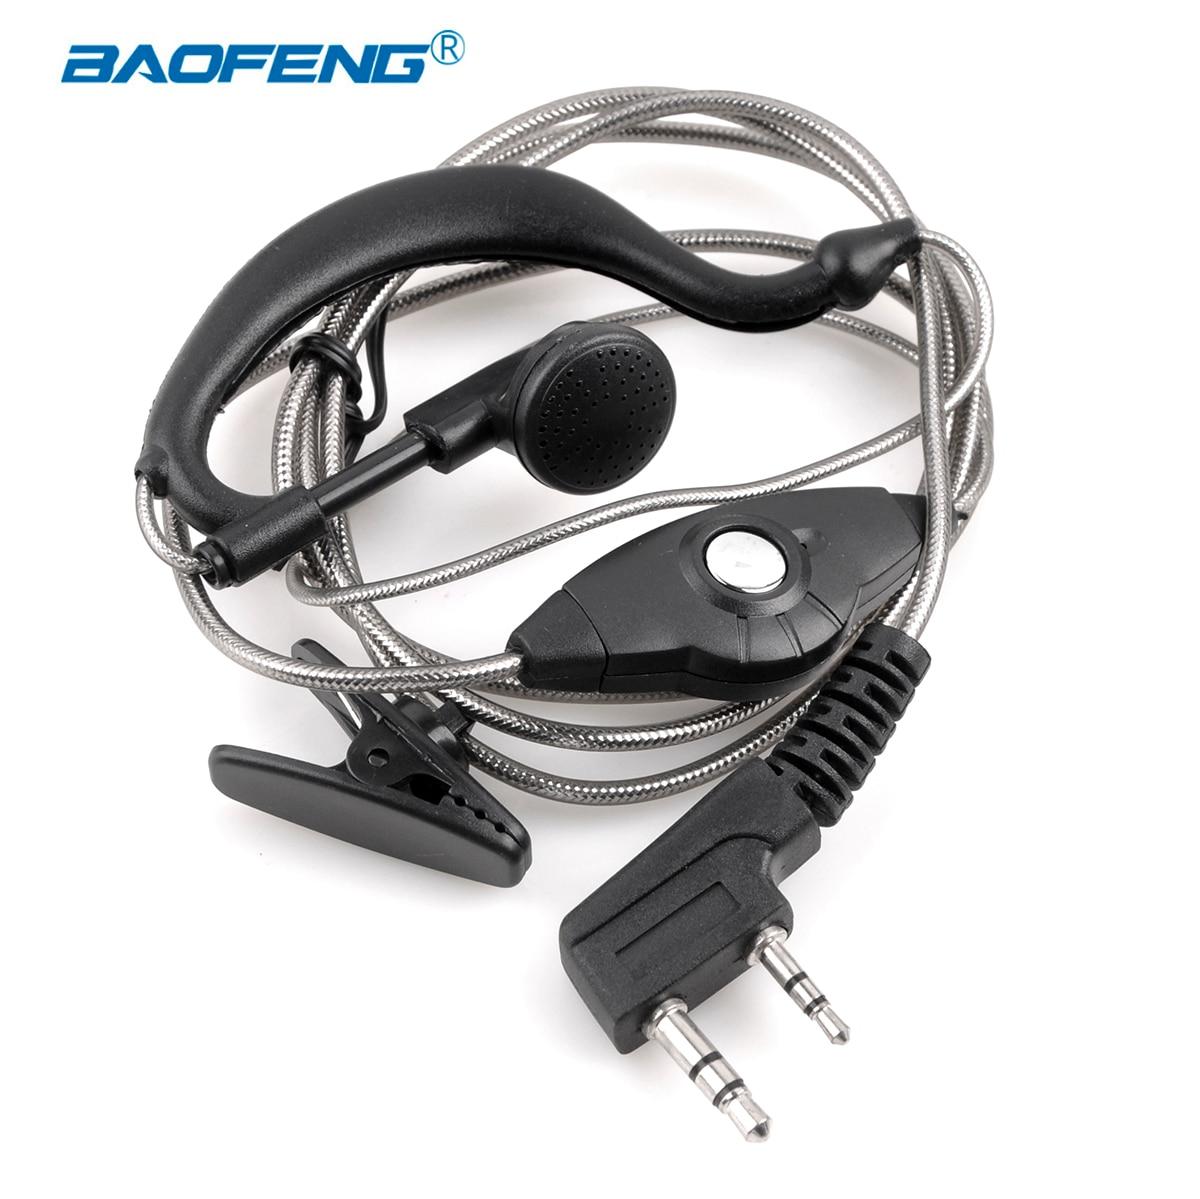 Walkie talkie Baofeng earphone uv 5r earbuds PTT with mic in ear hook headphone k port two way radio